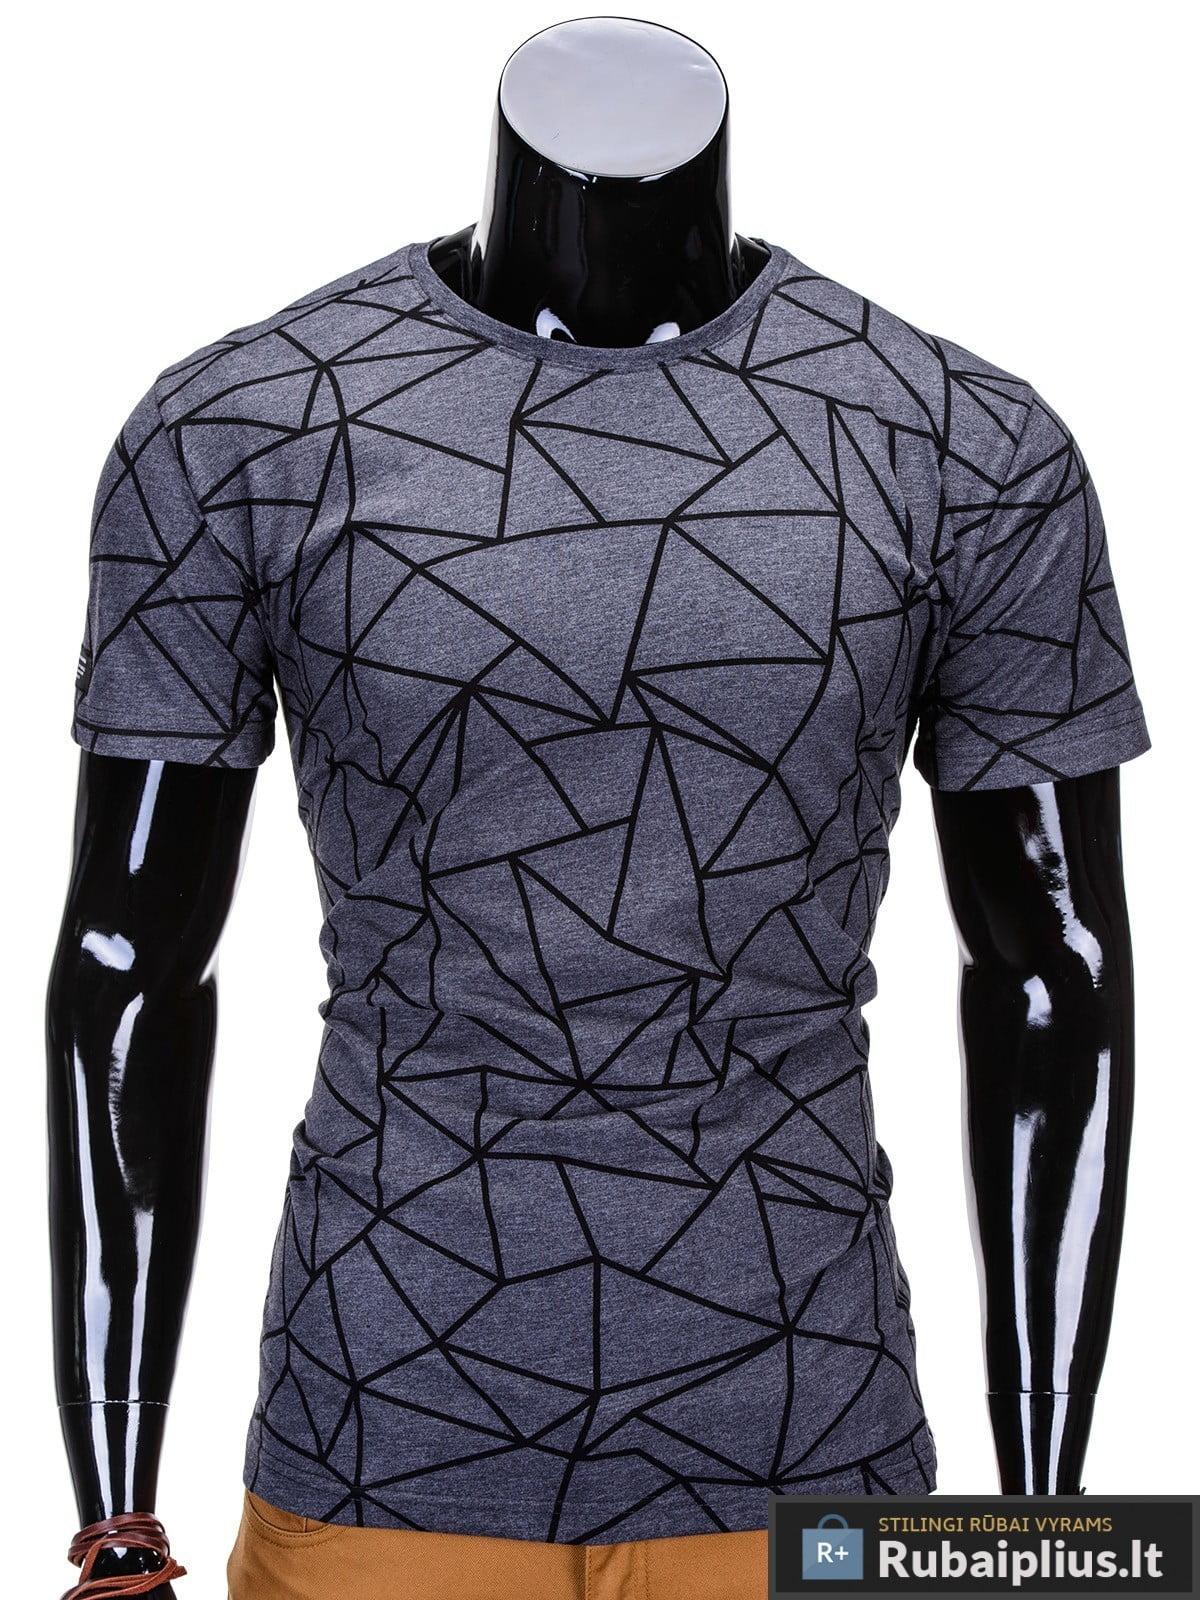 vyriski marskineliai 3D, vyriški marškinėliai pilkos spalvos su aplikacija, denim kolekcijos vyriški marškinėliai, trumpomis rankovėmis marškinėliai vyrams, klasikiniai vyriški marškinėliai, marškinėliai vyrams internetu, originalūs vyriški marškinėliai, marškinėliai vyrams spalvos, vyriški marškinėliai su užrašu ir aplikacija, marškinėliai uz gera kaina, protinga kaina, akcija, nuolaidos rūbams